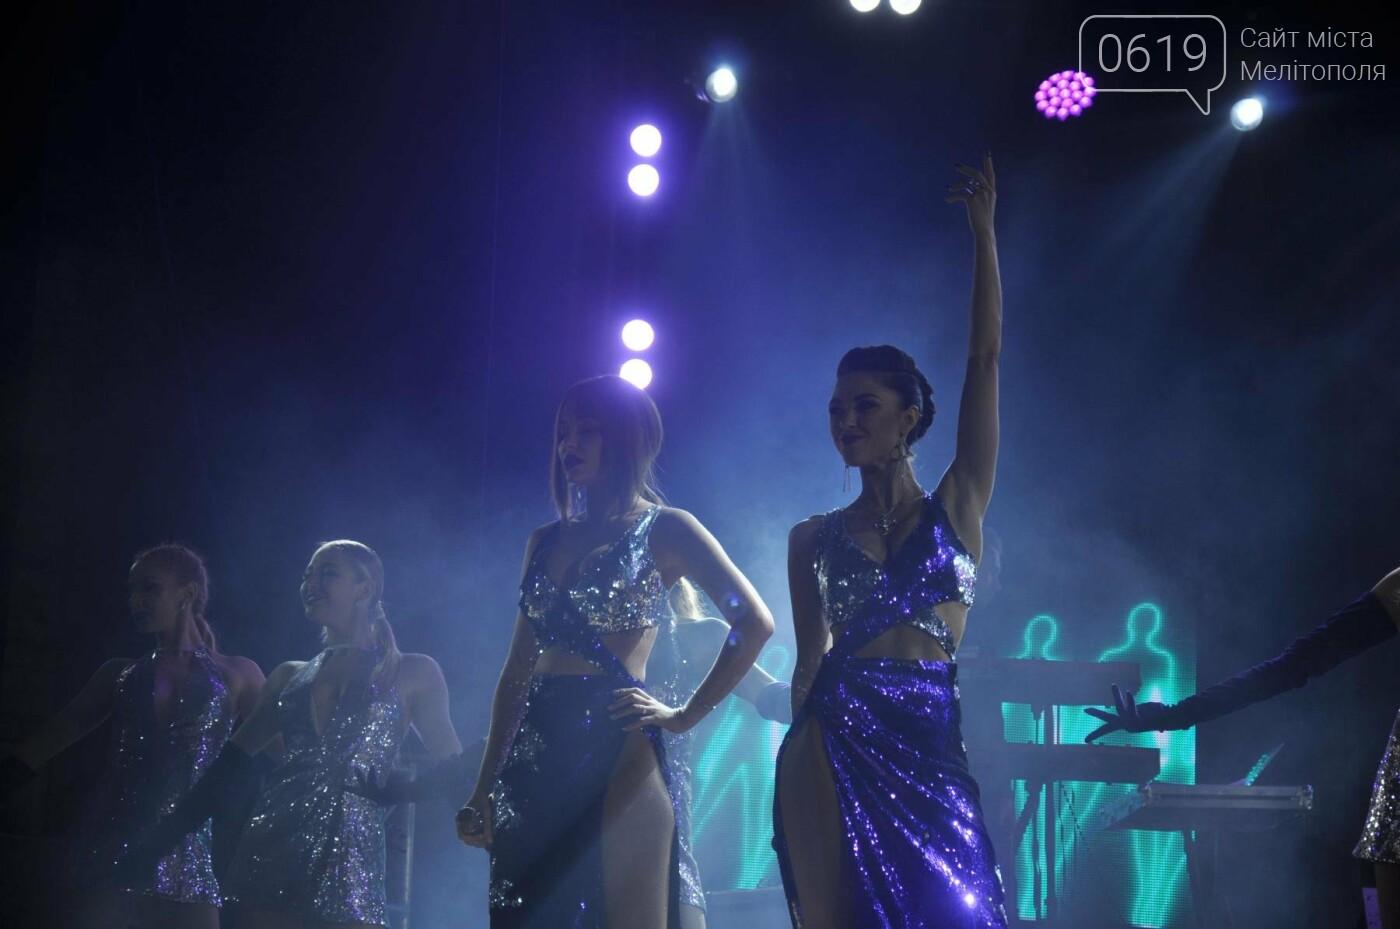 """В Мелитополе состоялся концерт группы """"НеАнгелы"""". Фоторепортаж , фото-2, Фото сайта 0619"""